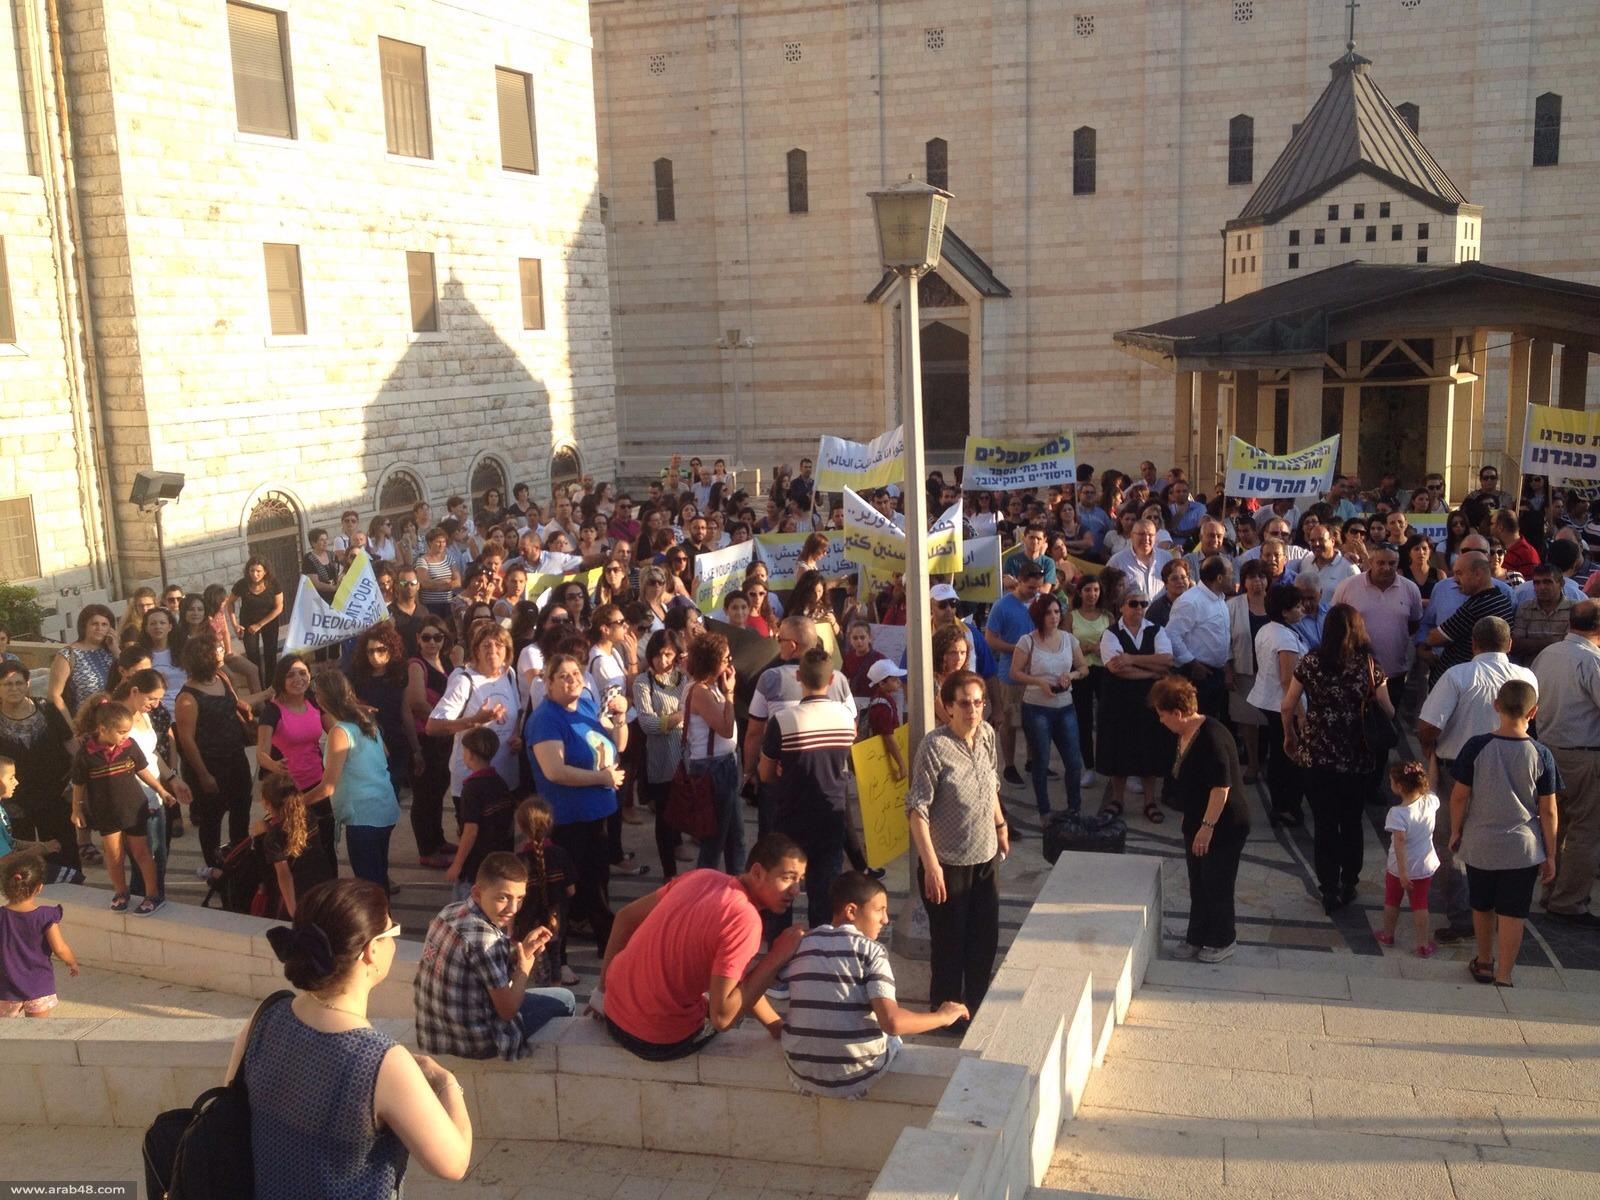 الناصرة: المئات يتظاهرون في ساحة كنيسة البشارة دعمًا للإضراب